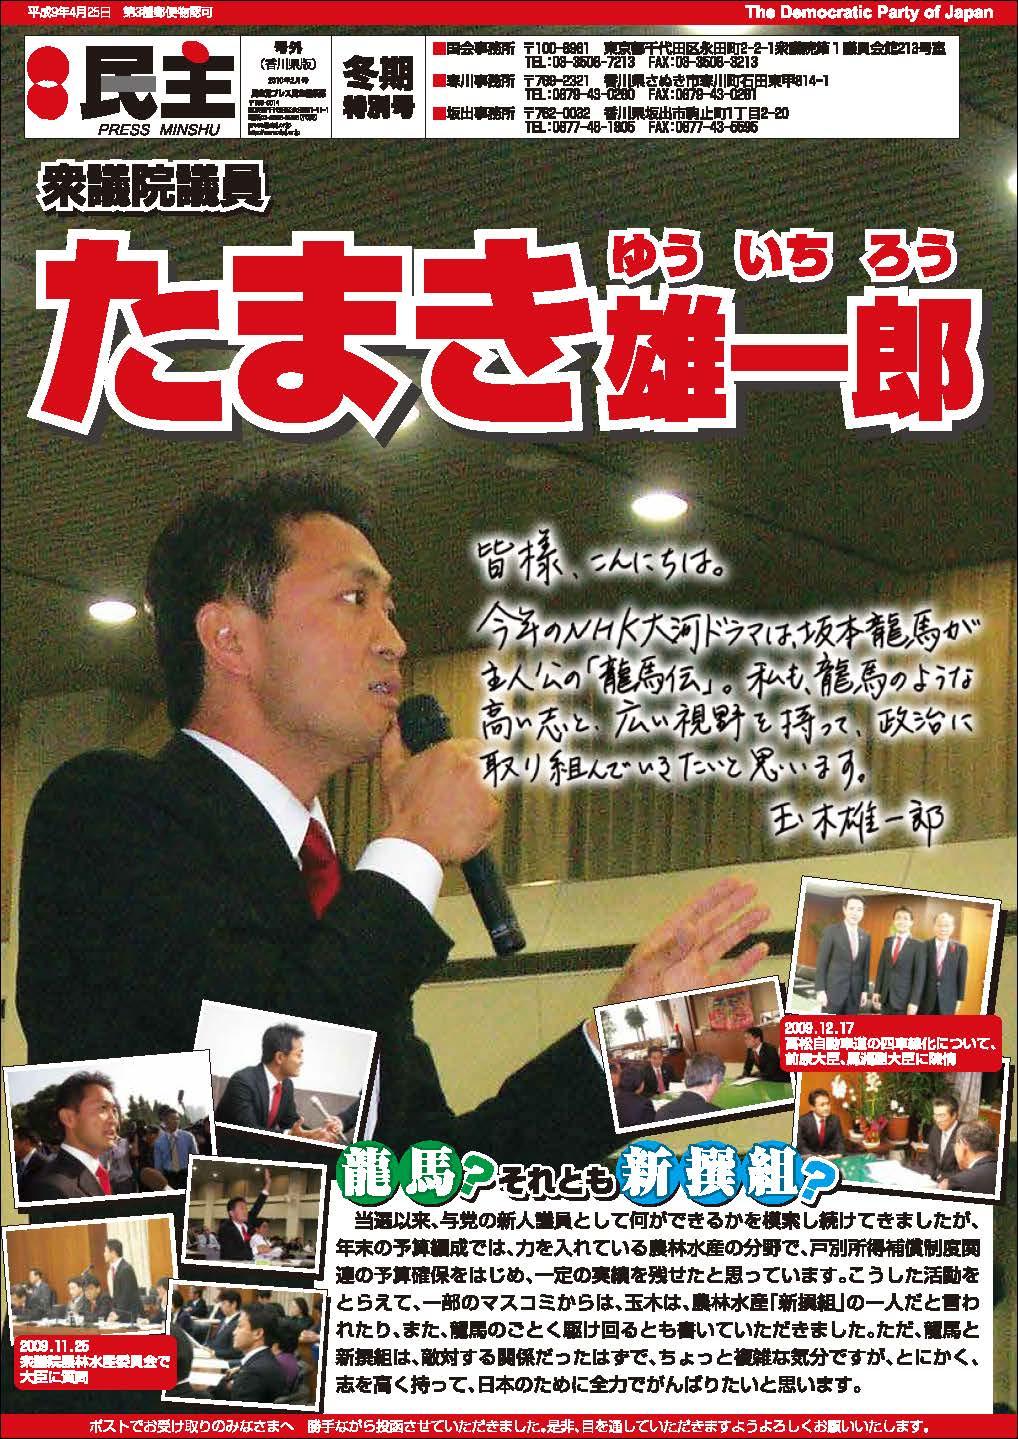 2010/01/26発行 プレス民主